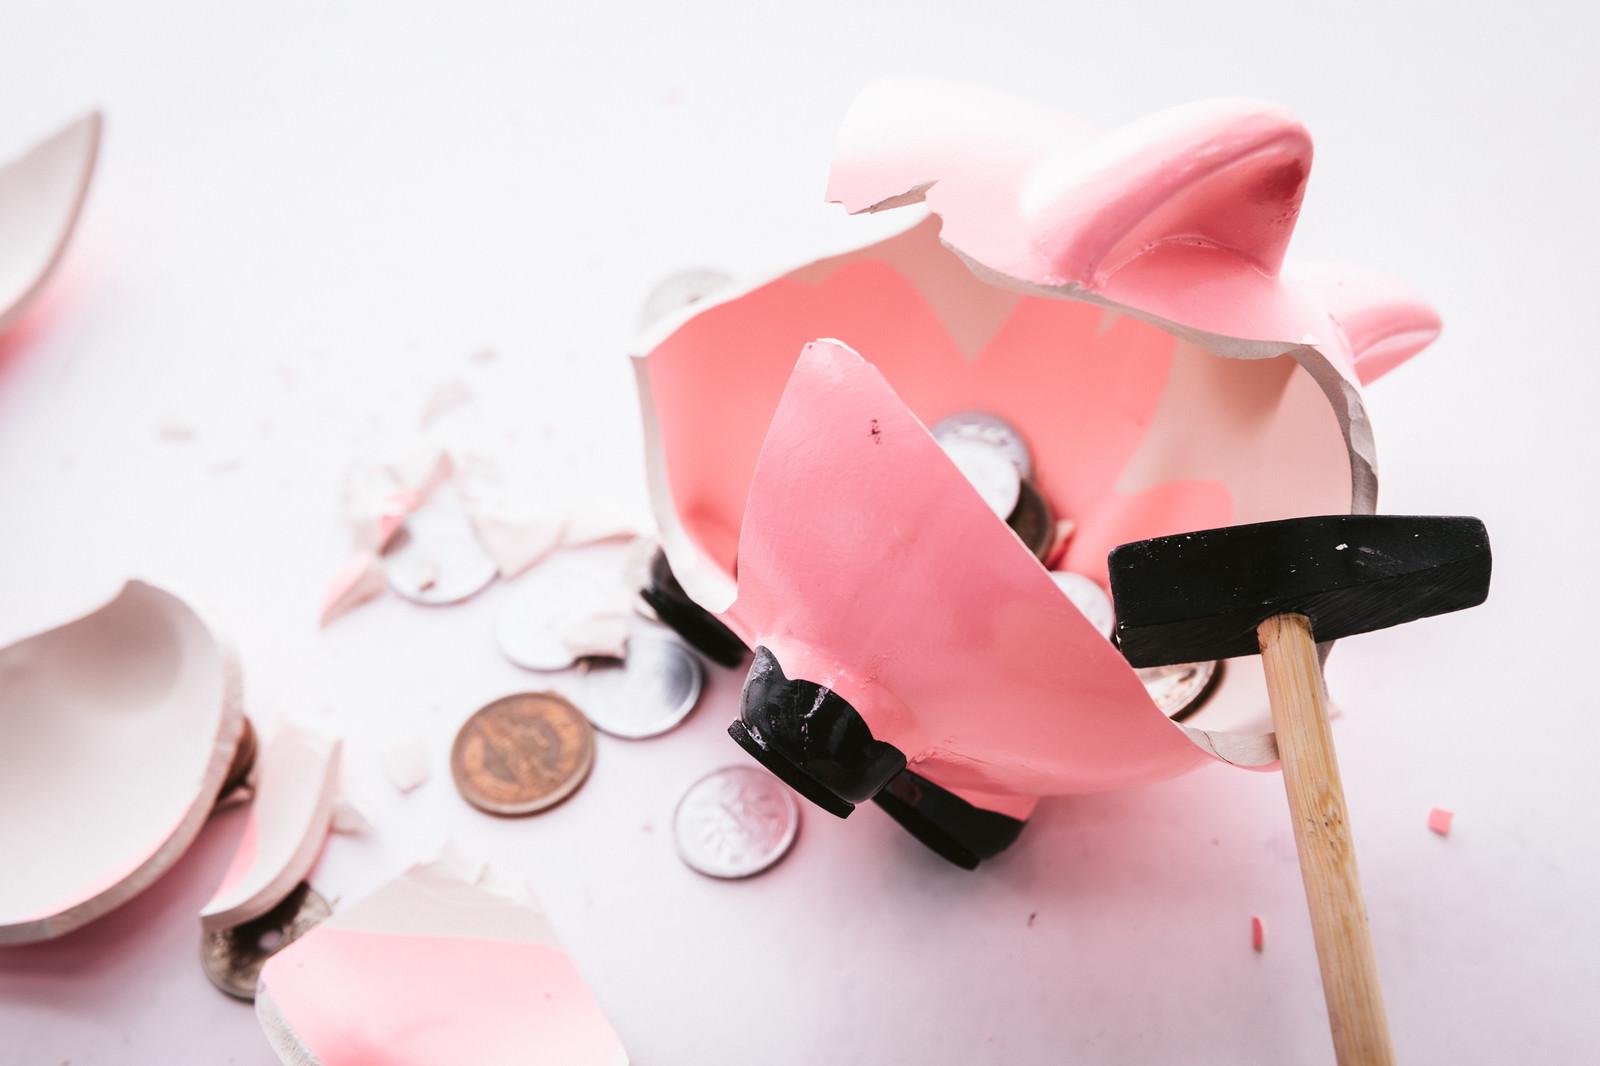 「ハンマーで貯金箱を壊す様子」の写真